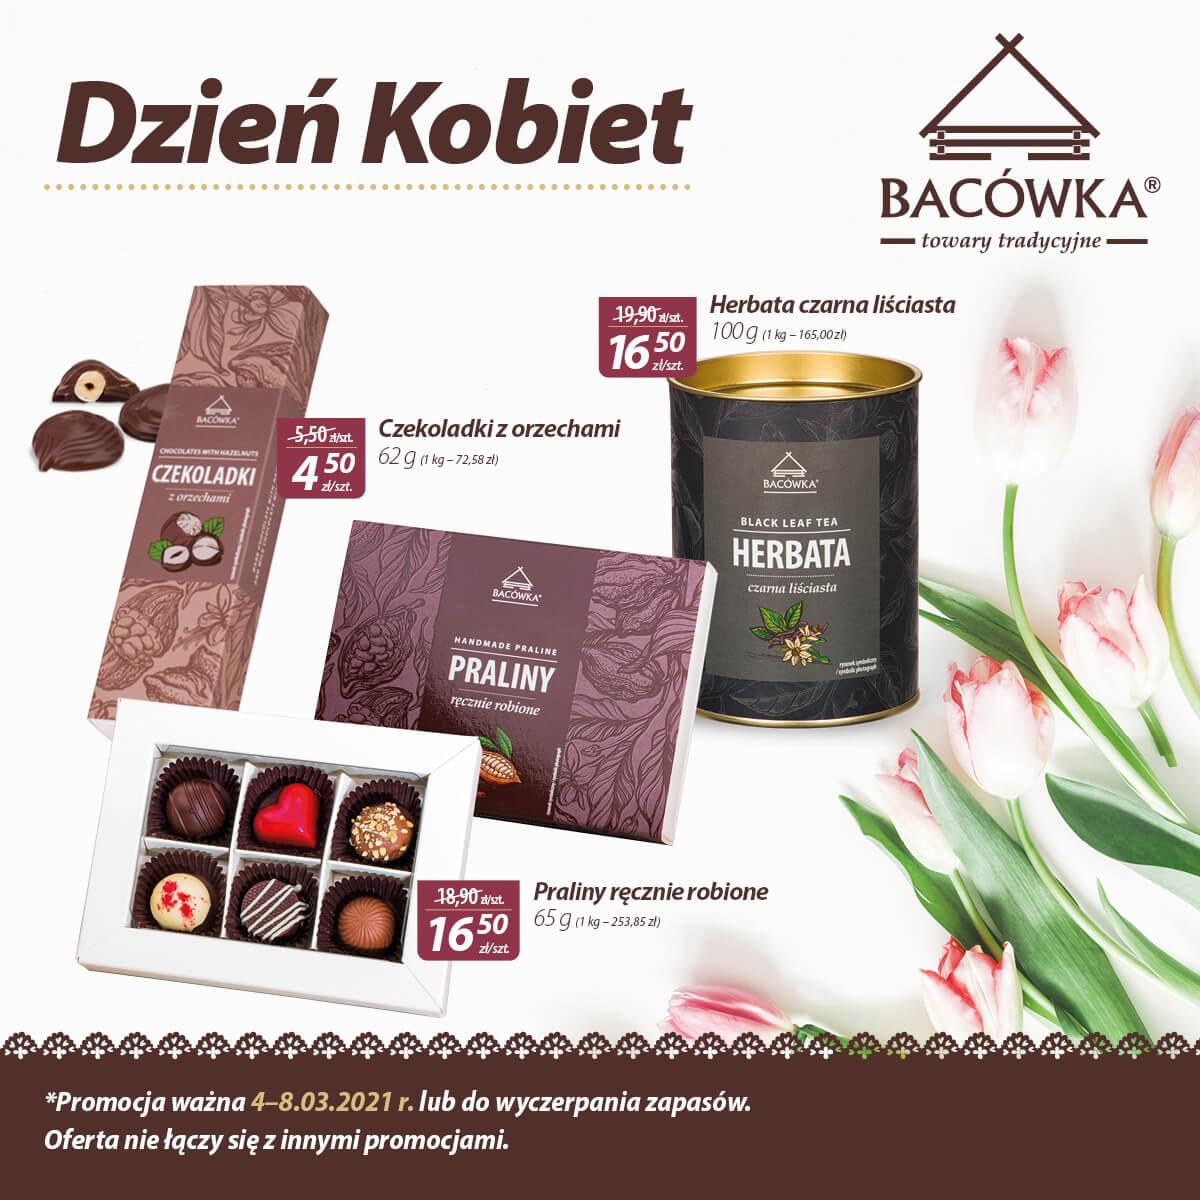 BACOWKA_marzec_1200x1200_dzien_kobiet